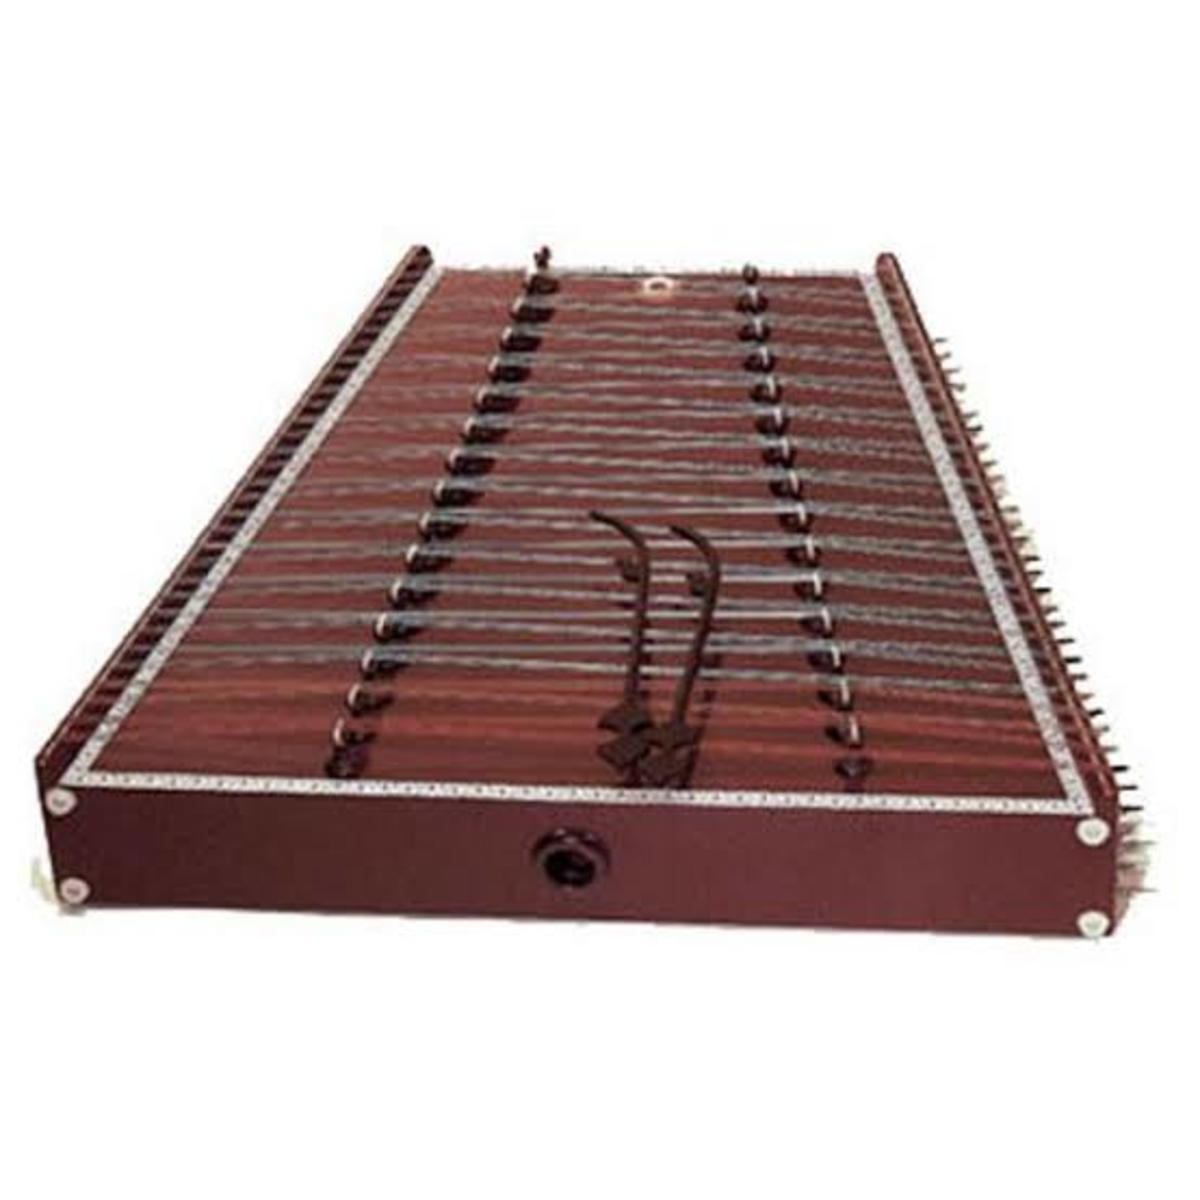 Indian musical instrument, Santoor